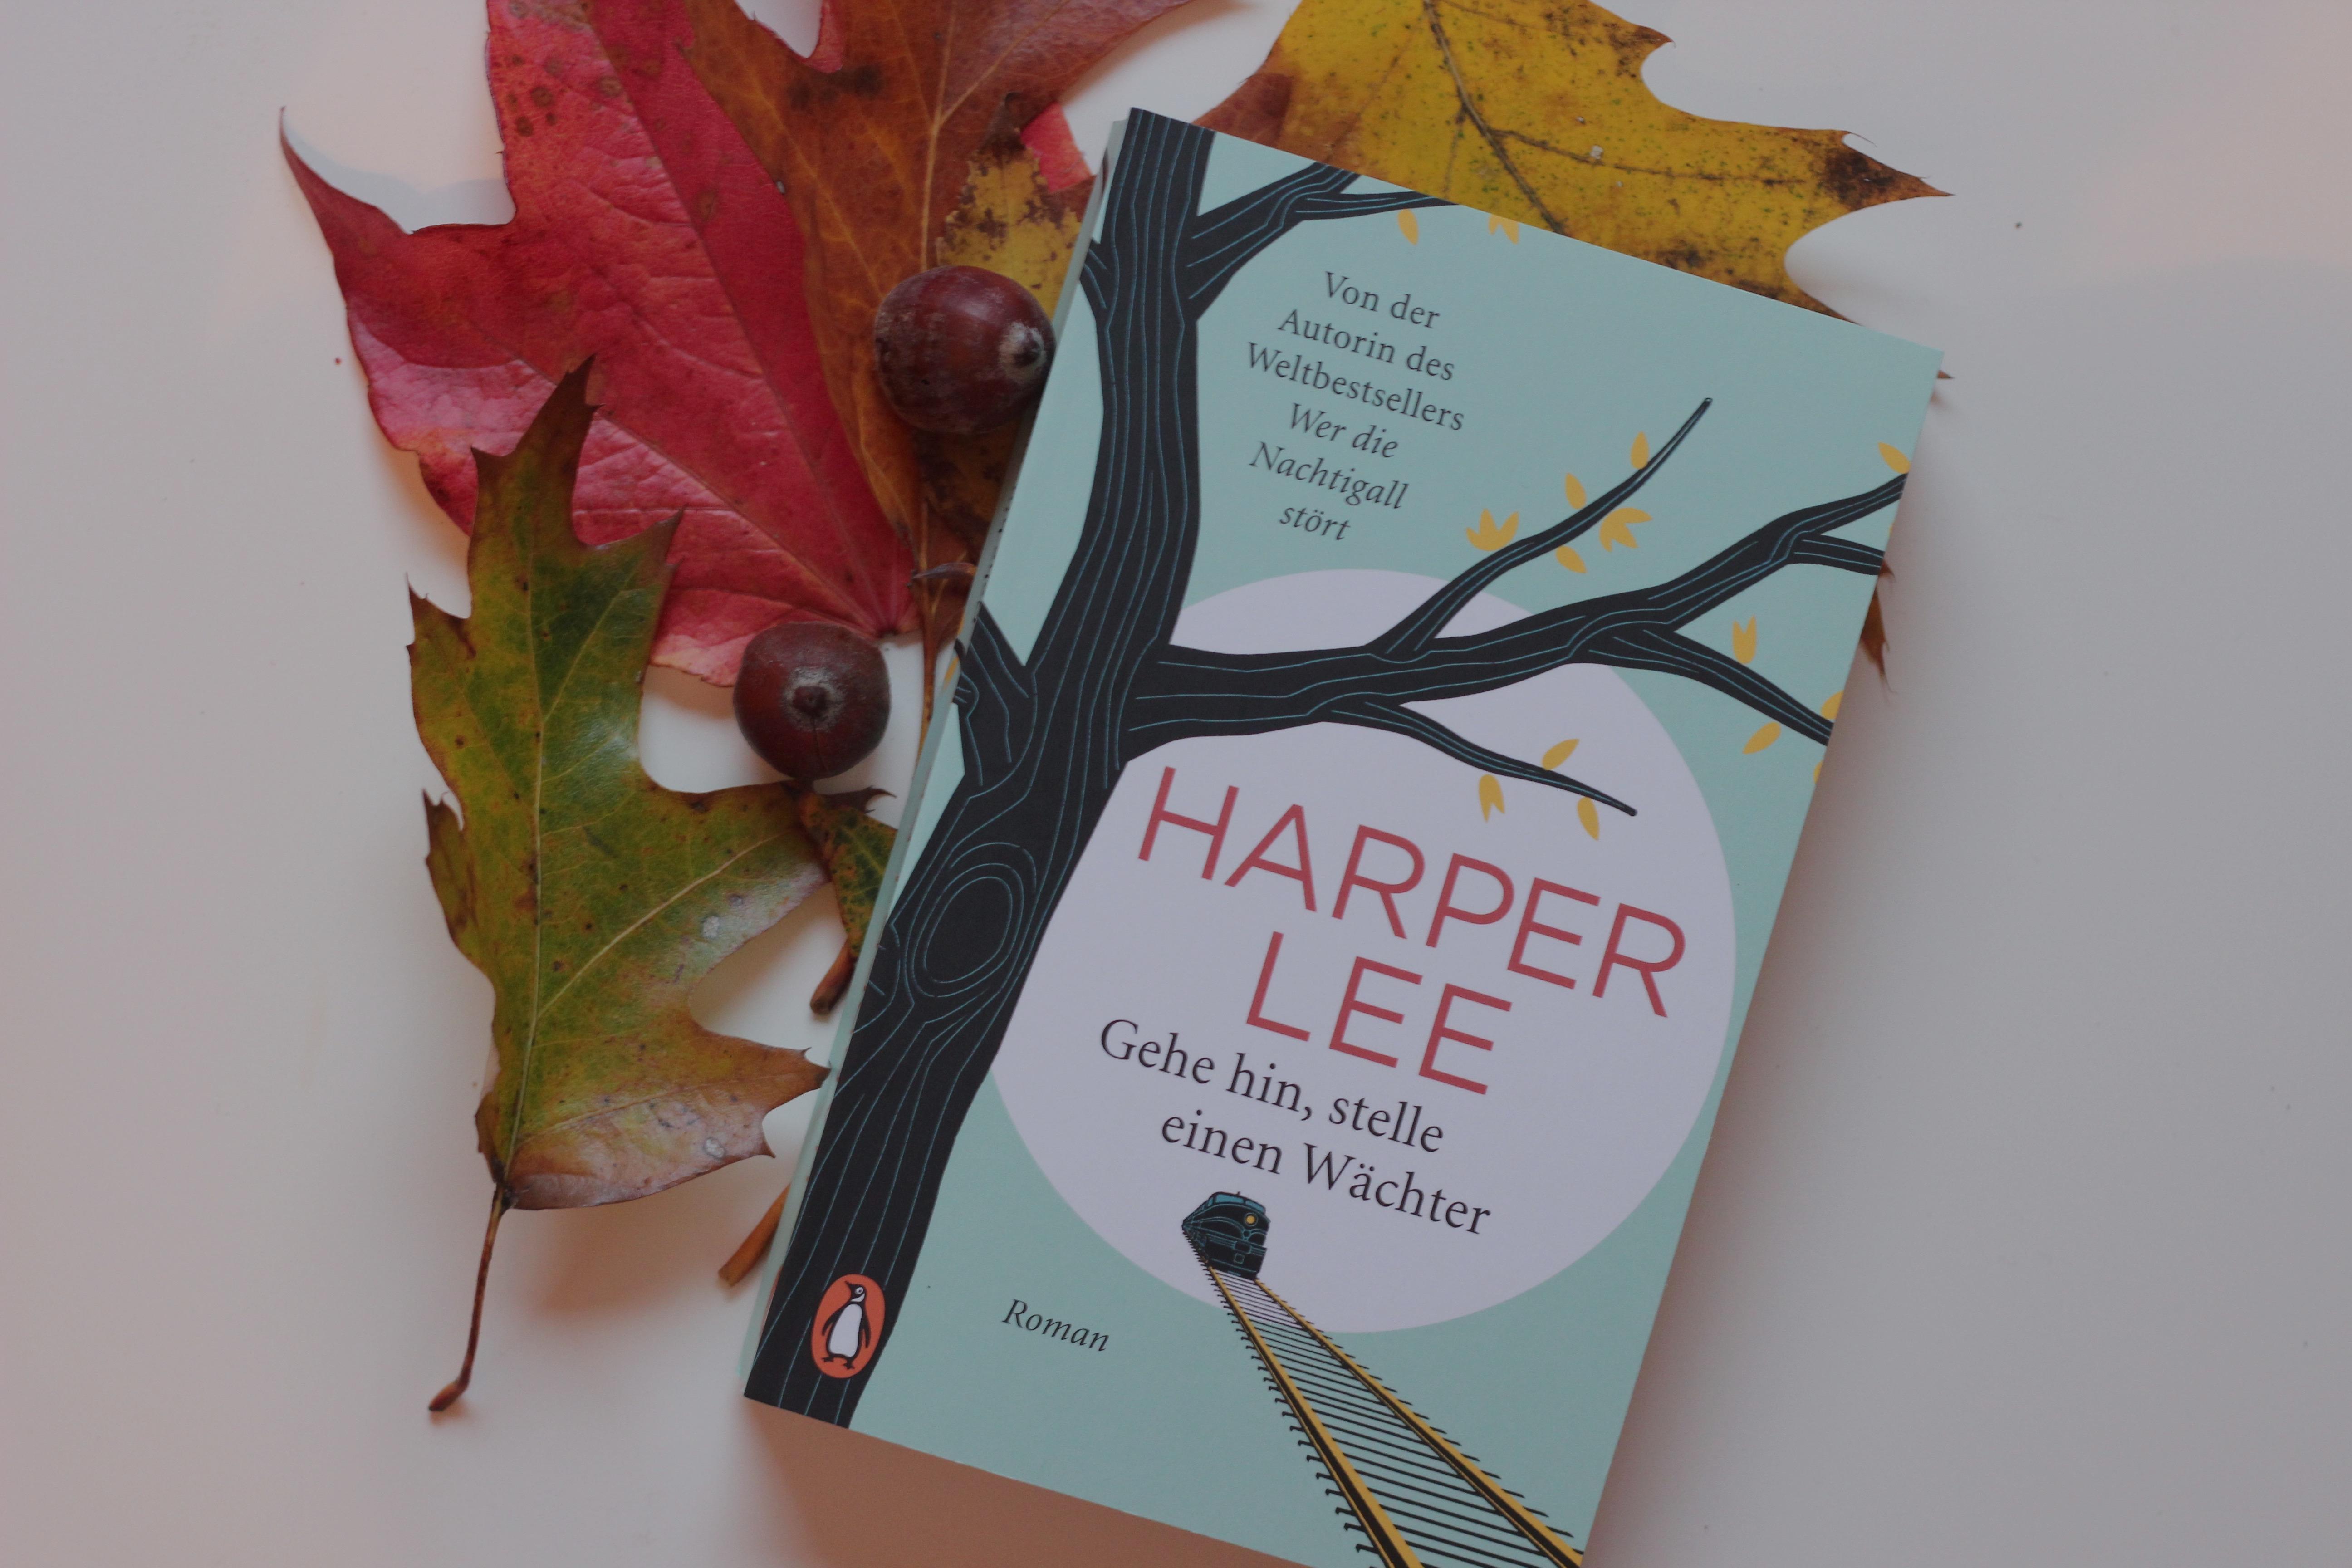 Gehe hin, stelle einen Wächter – Harper Lee